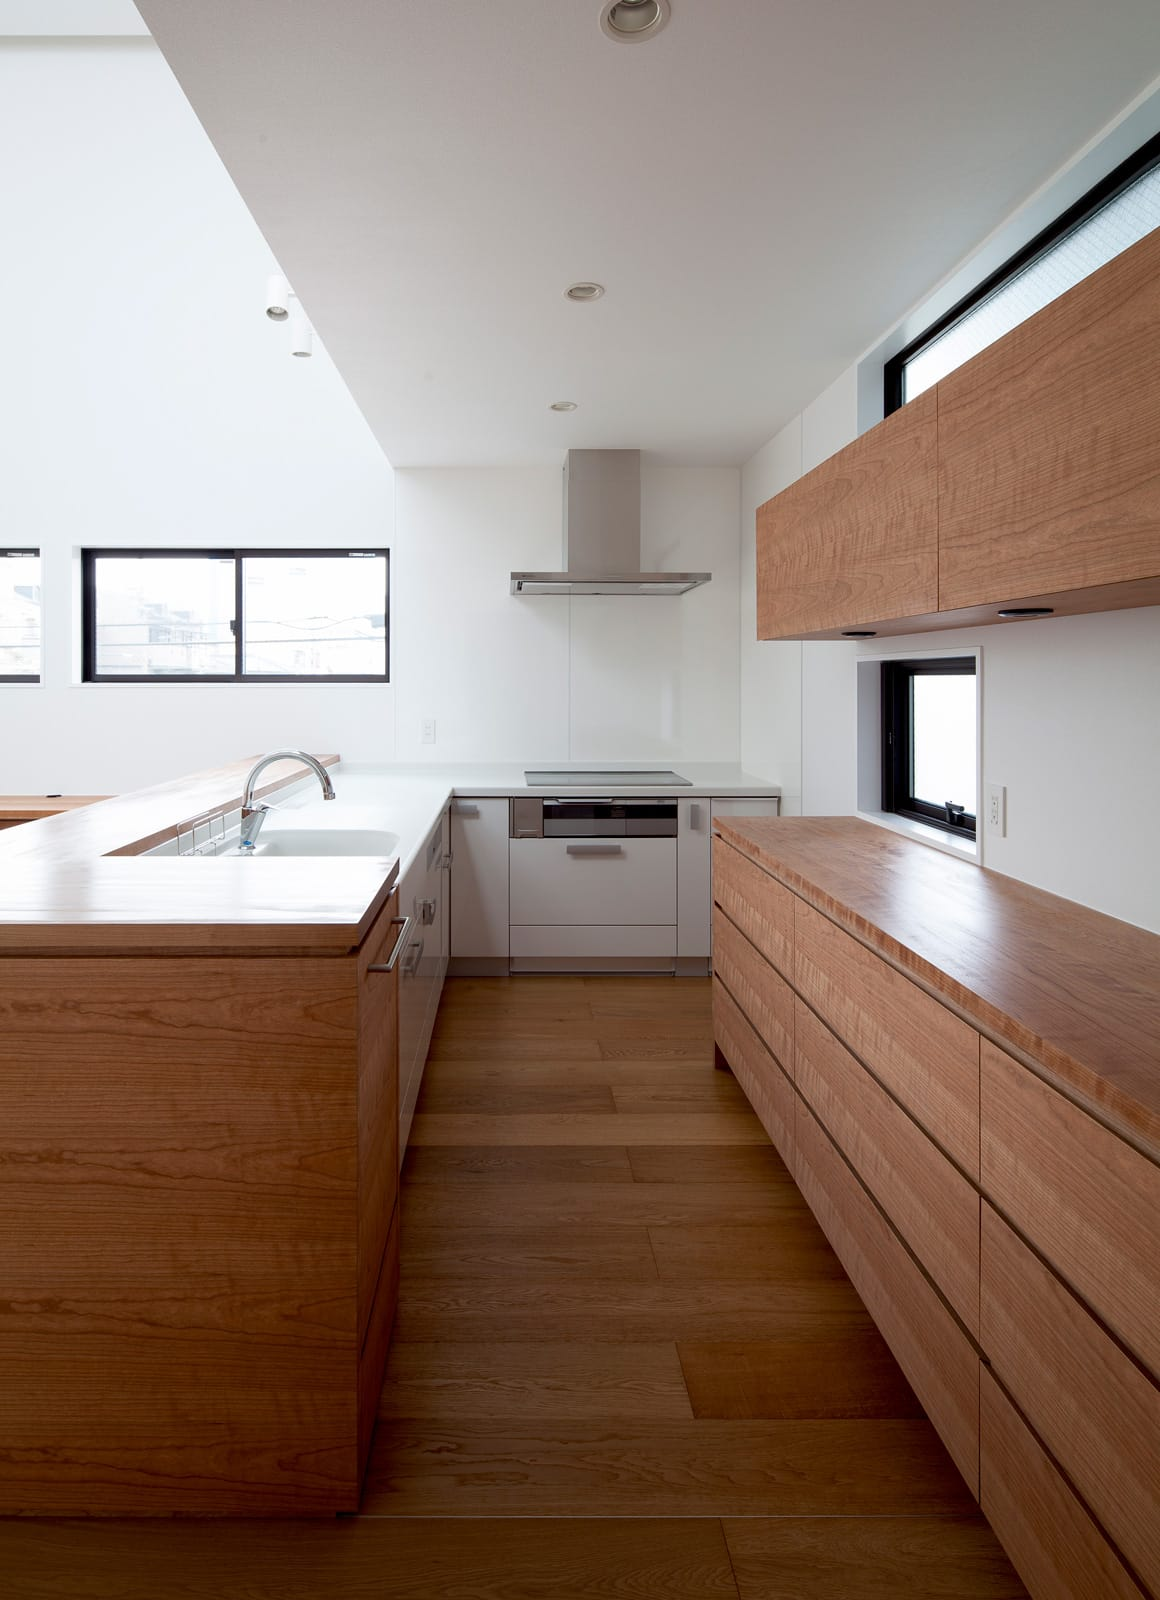 屋上とつながる吹抜リビングの家のキッチン2